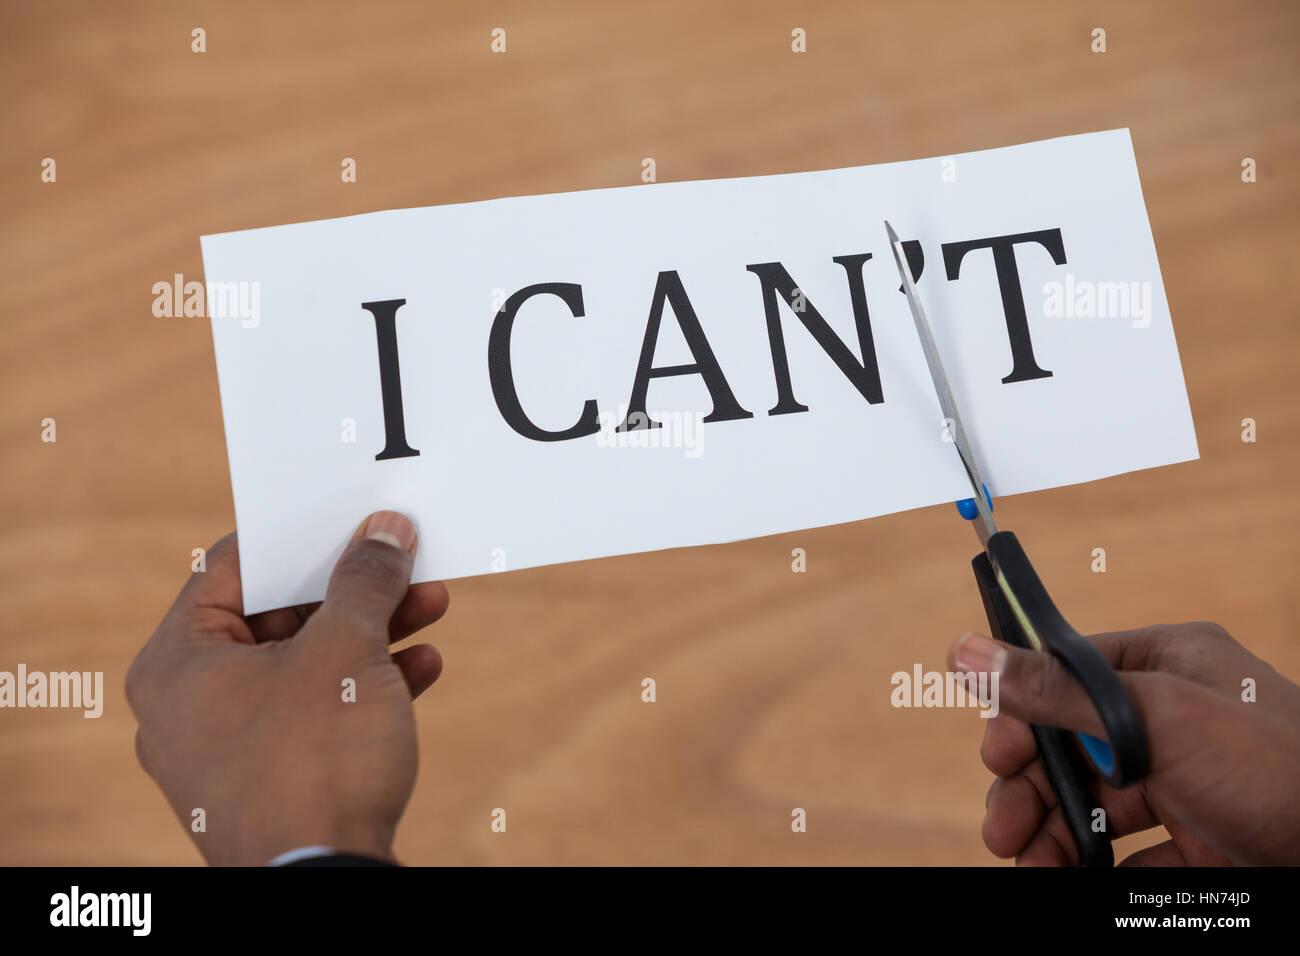 Immagine concettuale di imprenditore il taglio di un foglio di carta che legge ci cant su sfondo bianco Immagini Stock